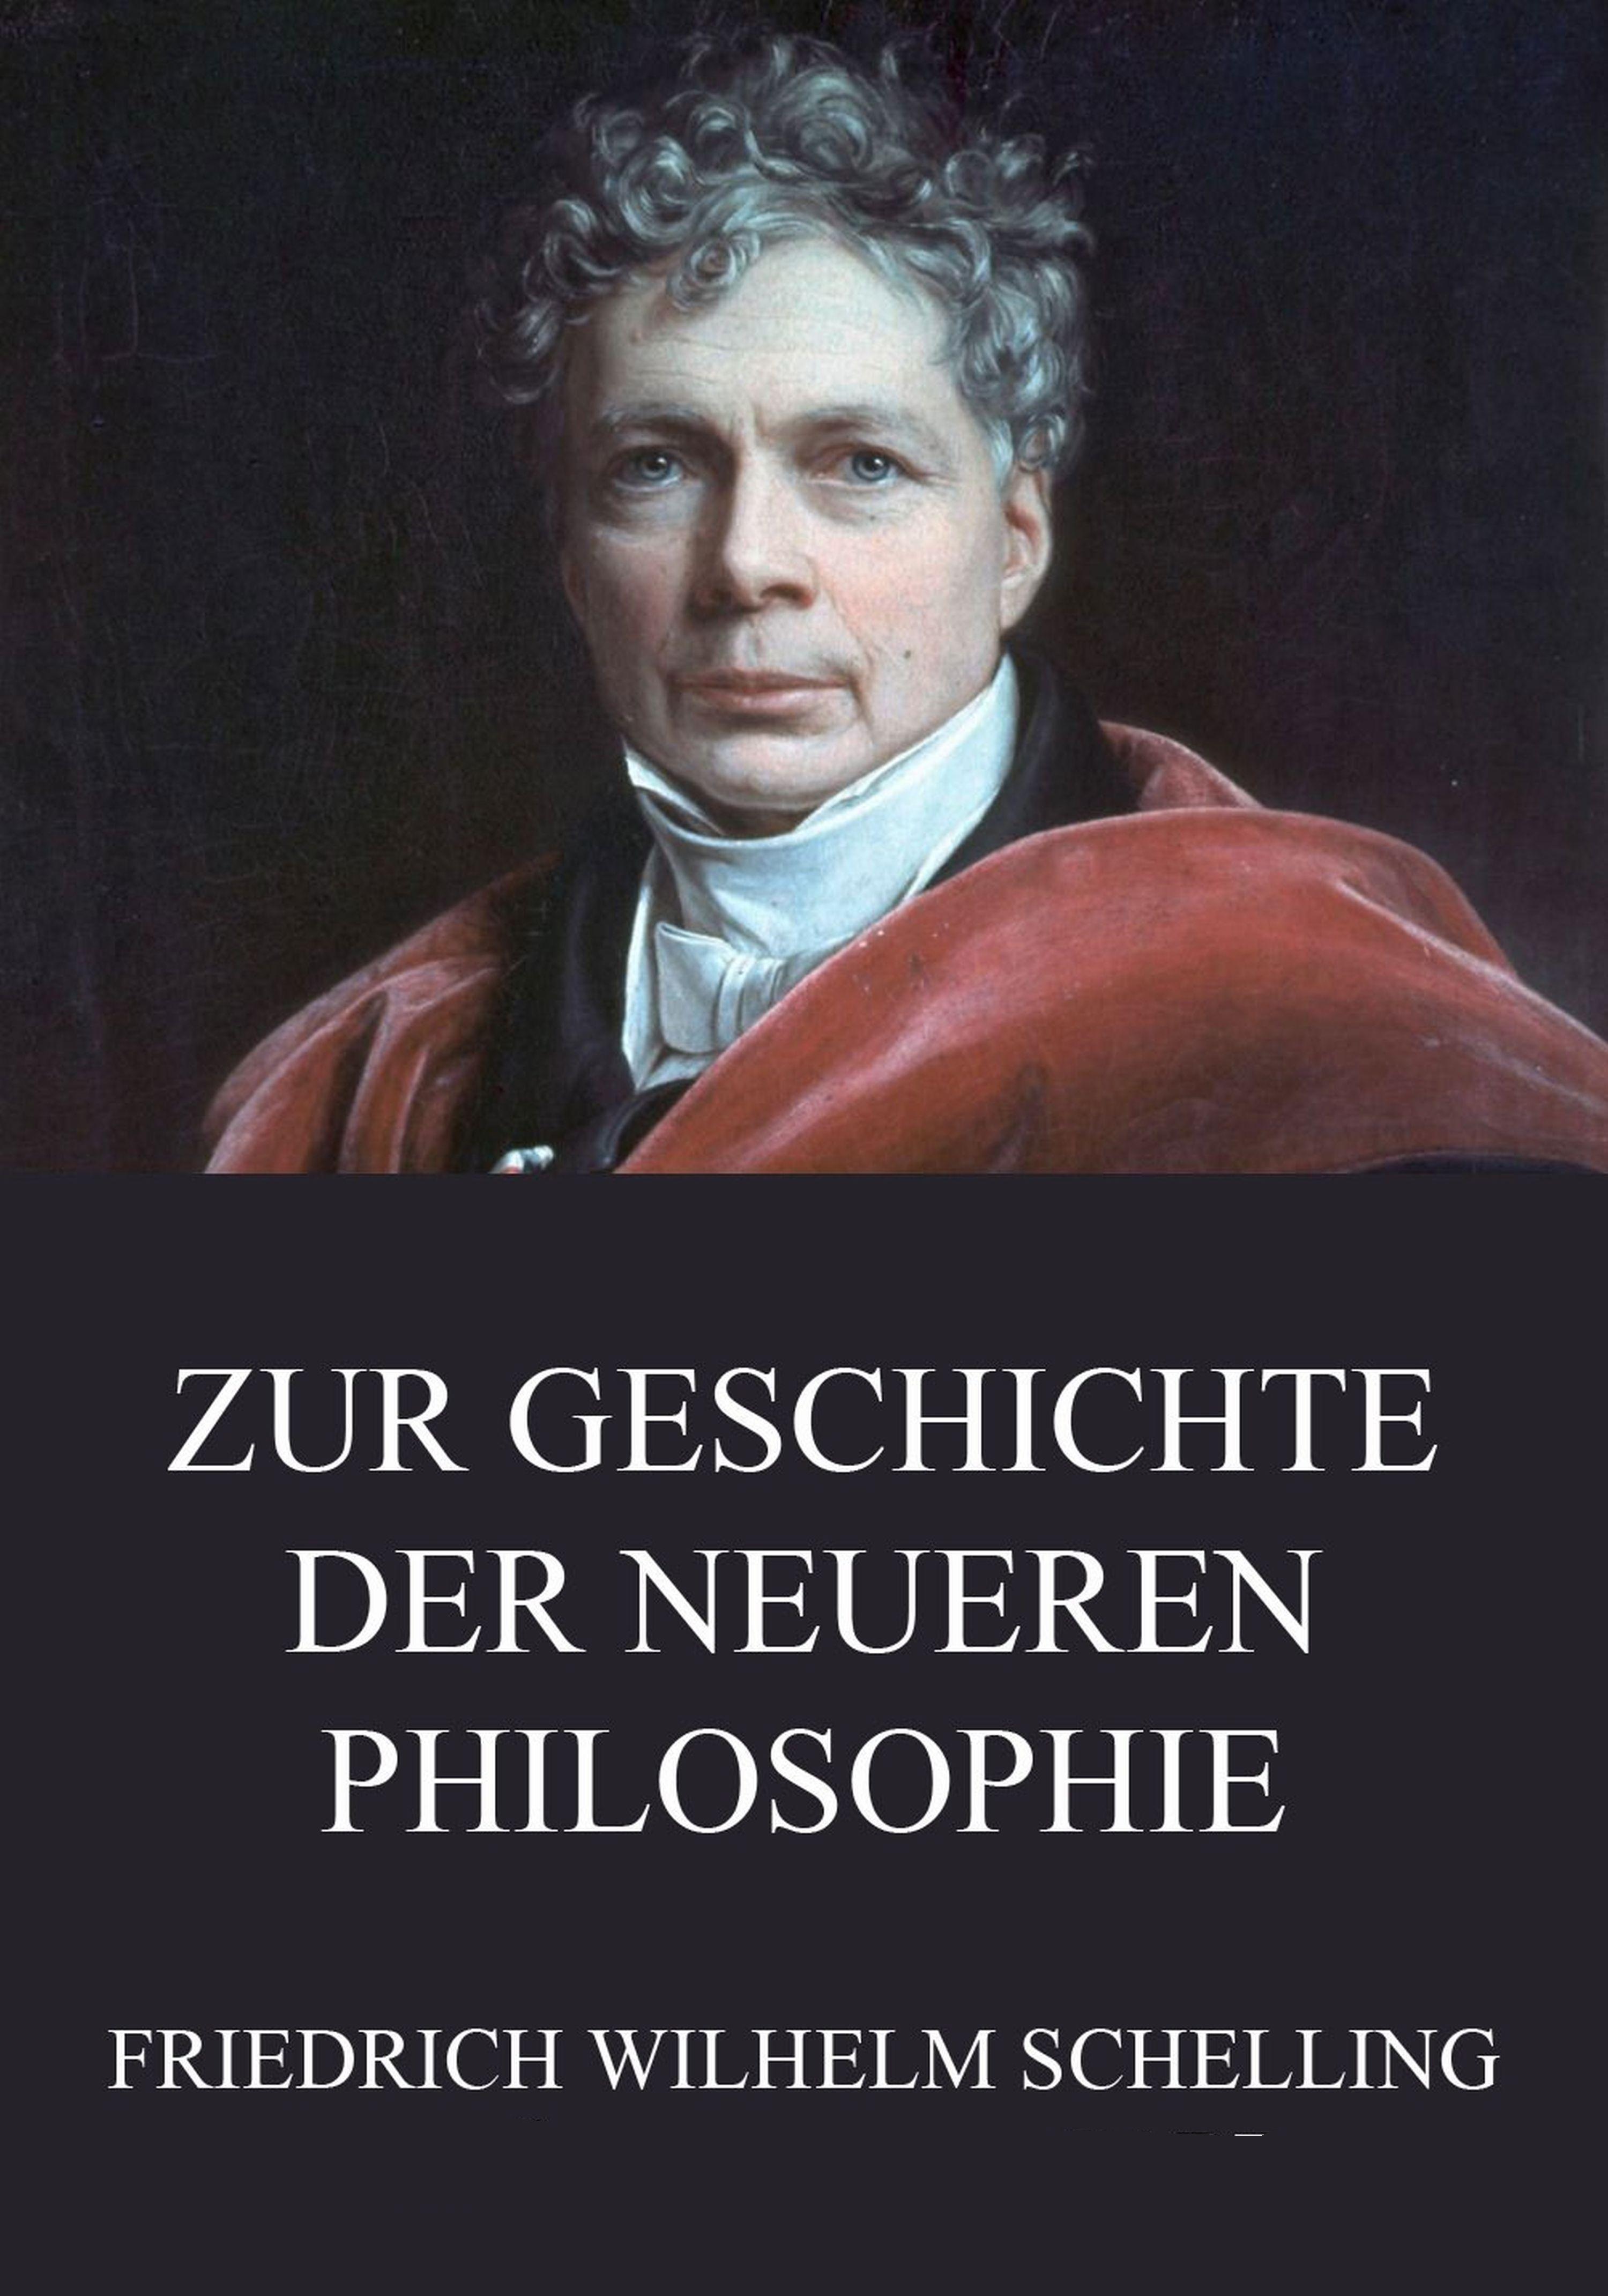 Friedrich Wilhelm Schelling Zur Geschichte der neueren Philosophie friedrich wilhelm barthold geschichte der deutschen hansa volume 3